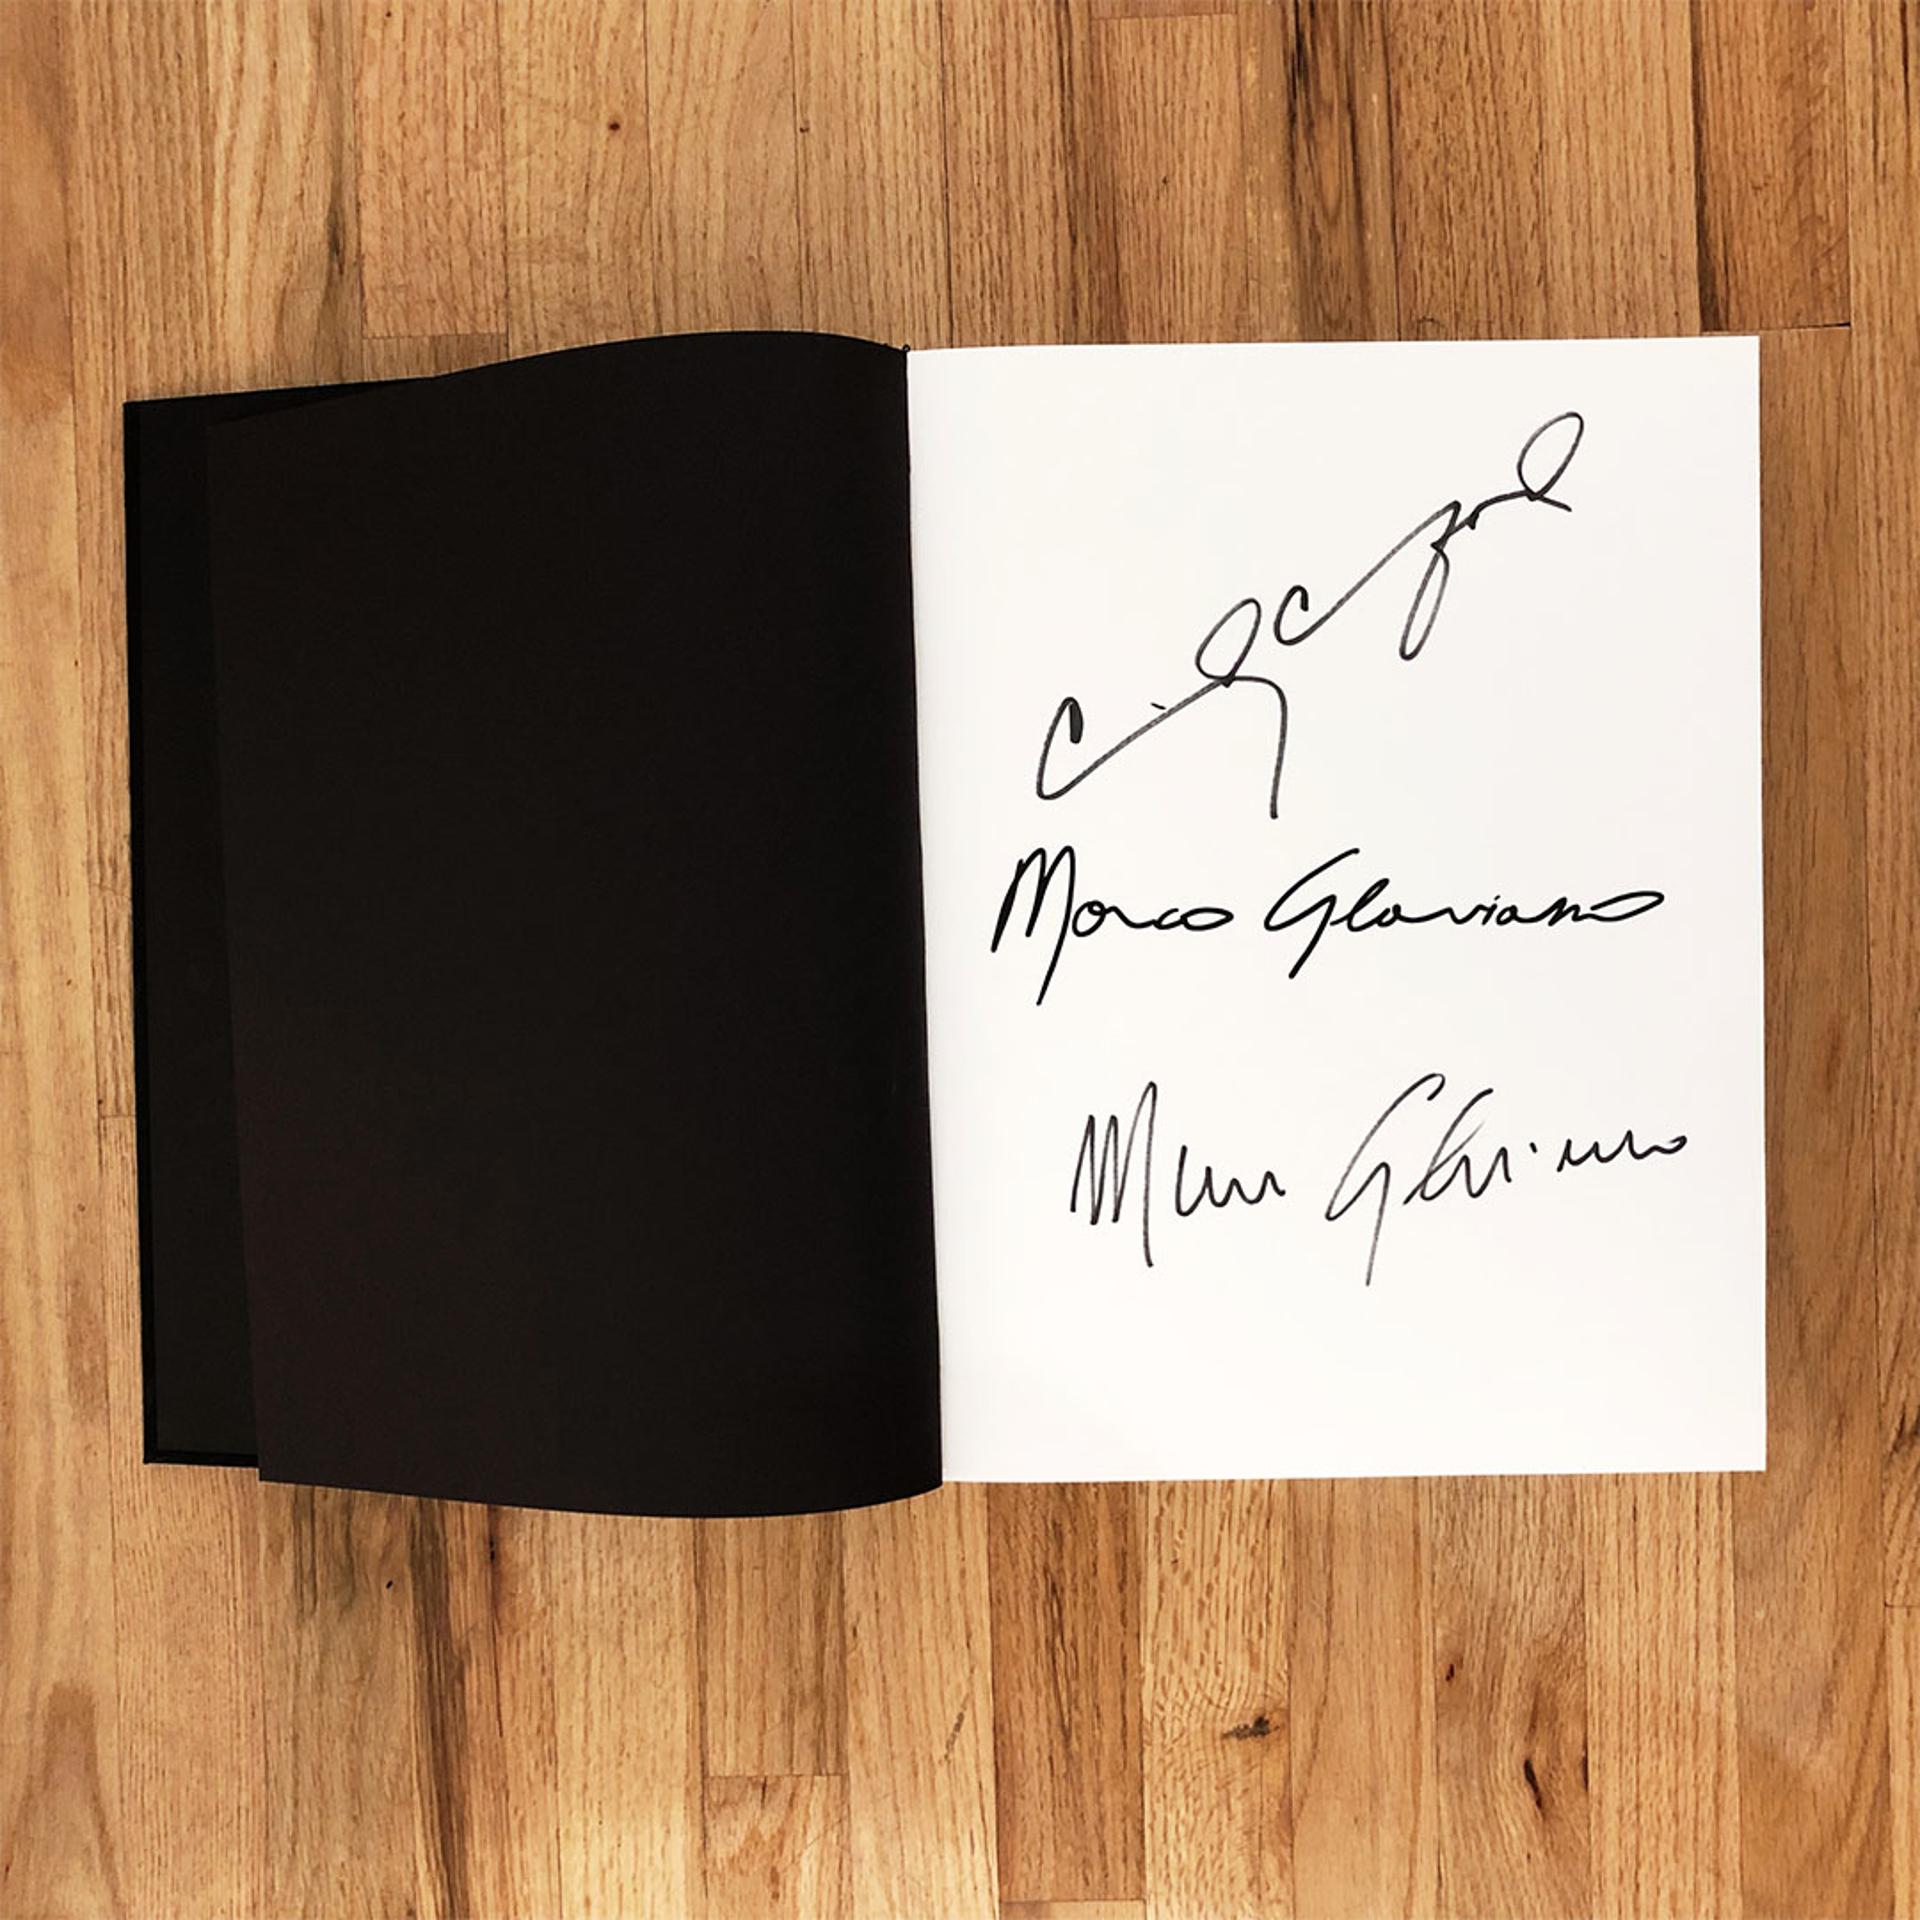 Marco Glaviano 50 by Marco Glaviano